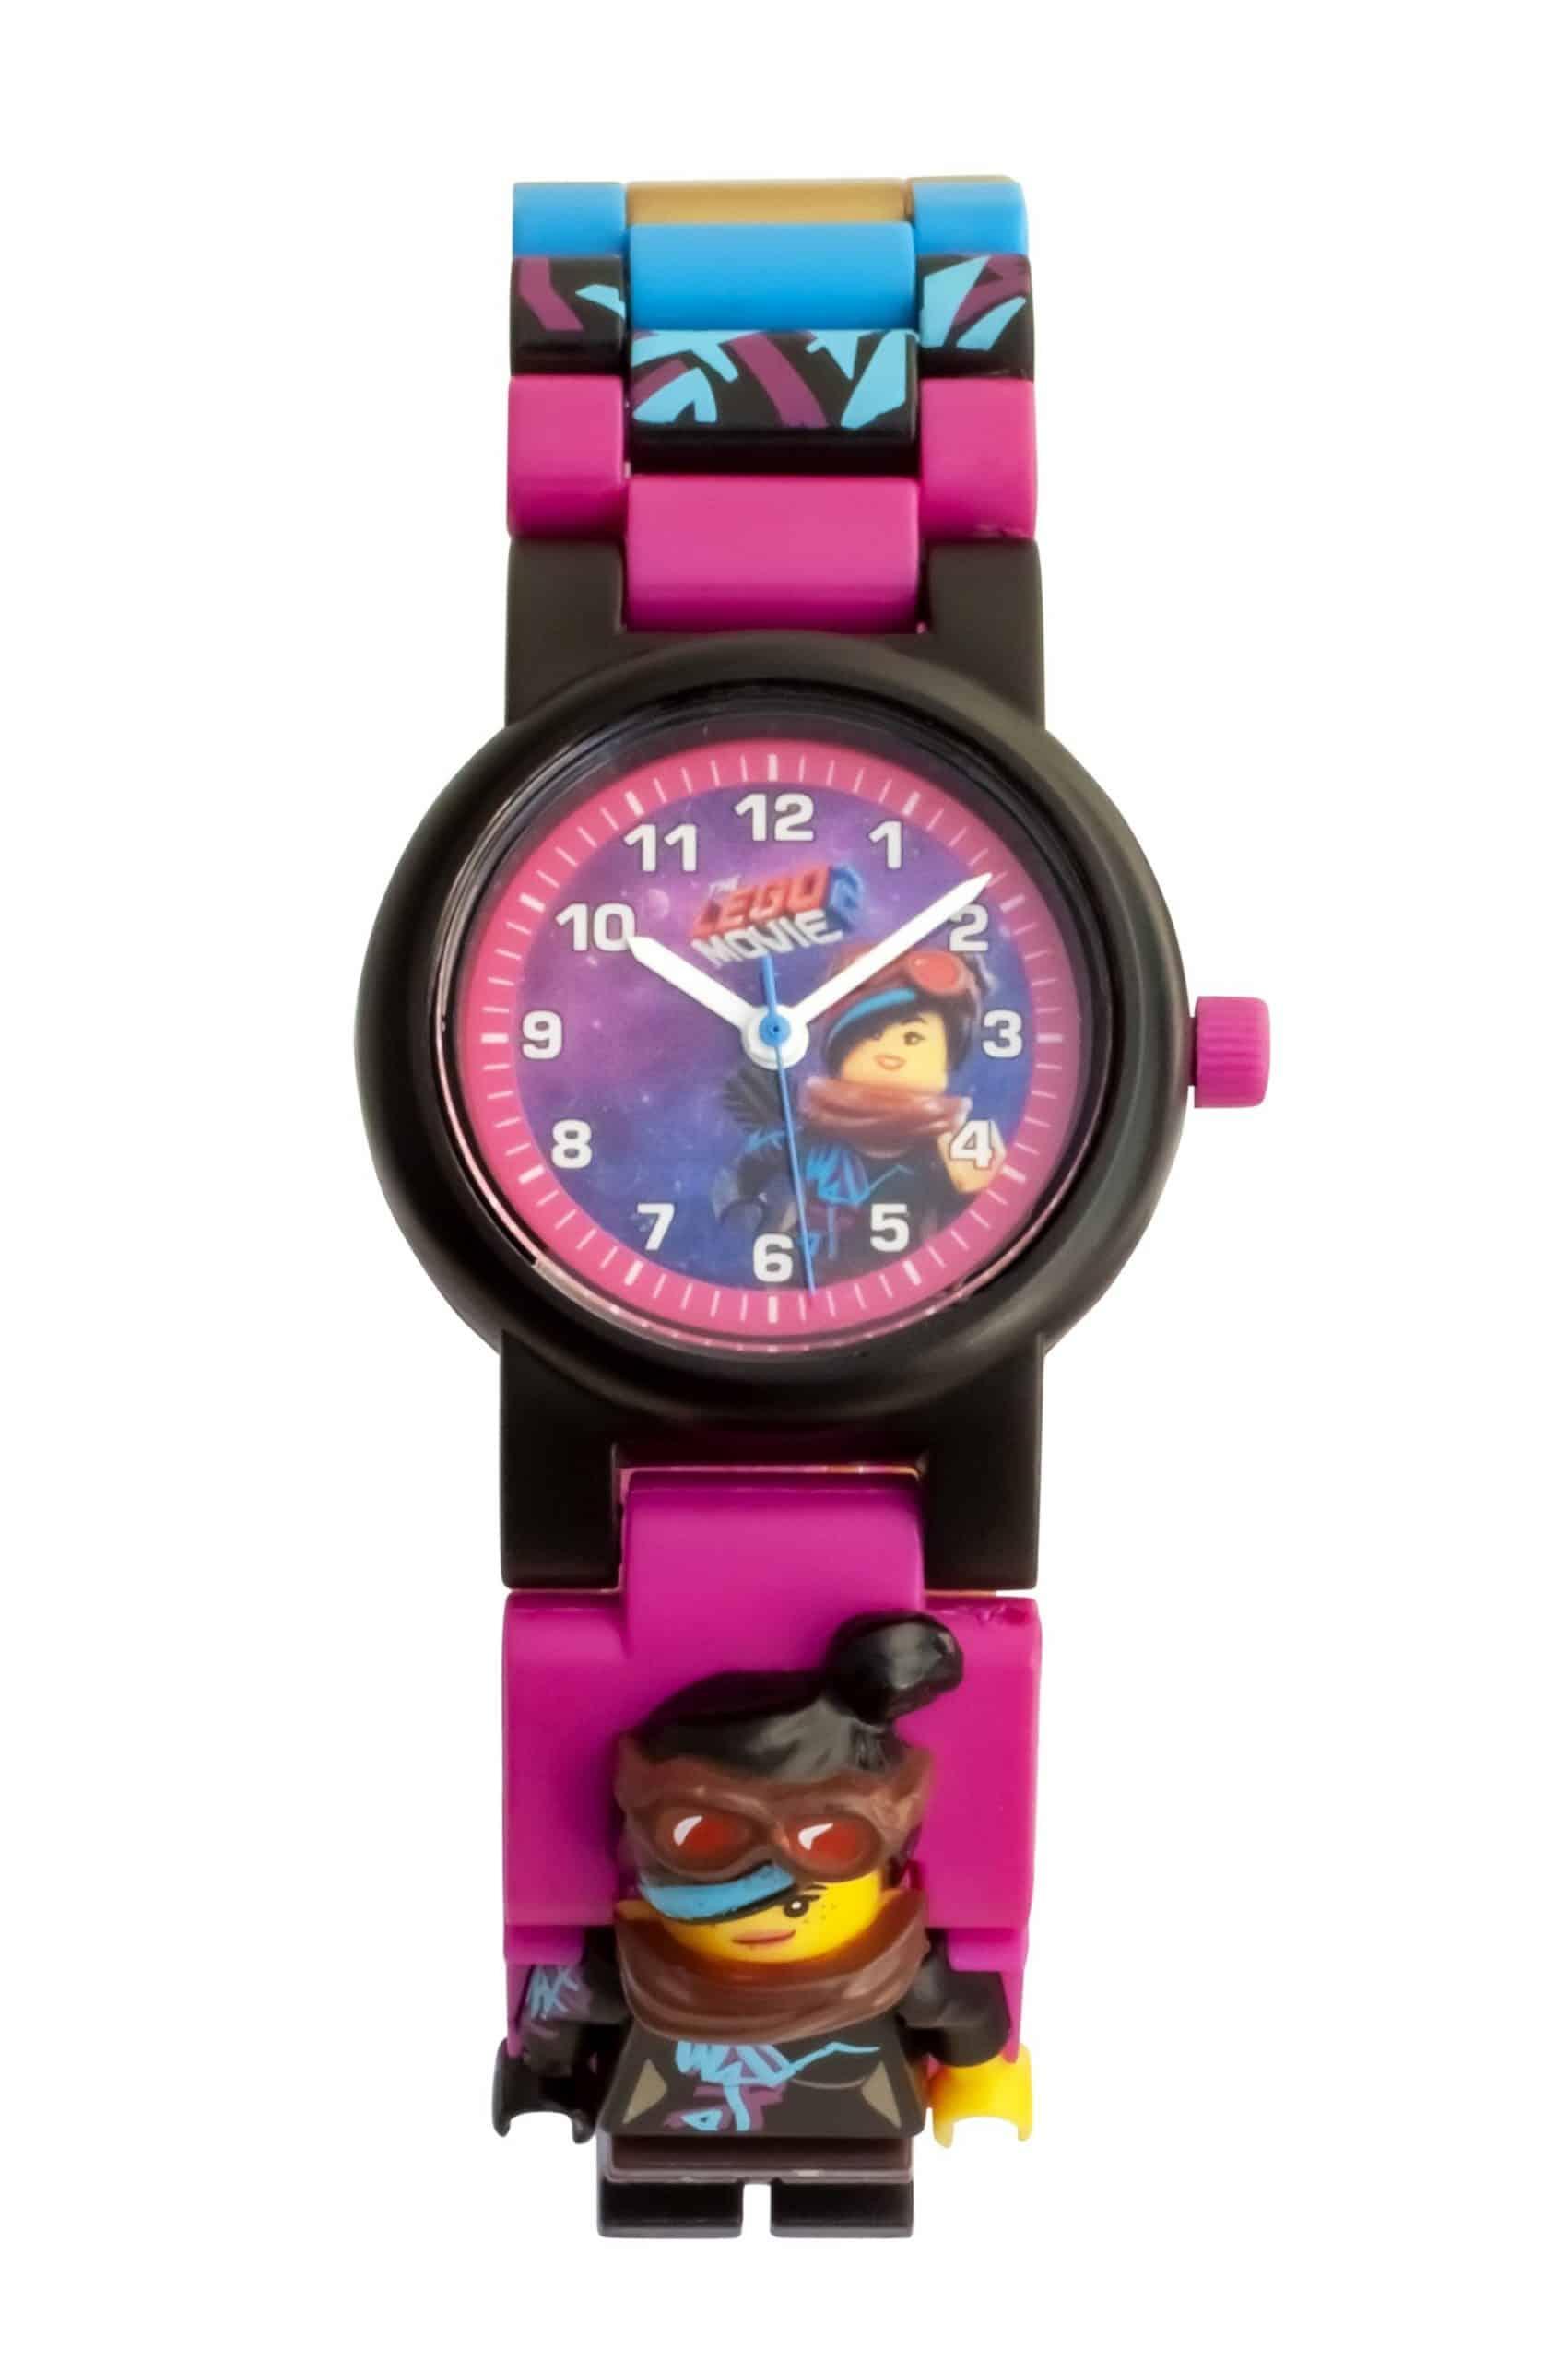 lego 5005703 movie 2 wyldstyle minifiguren armbanduhr scaled